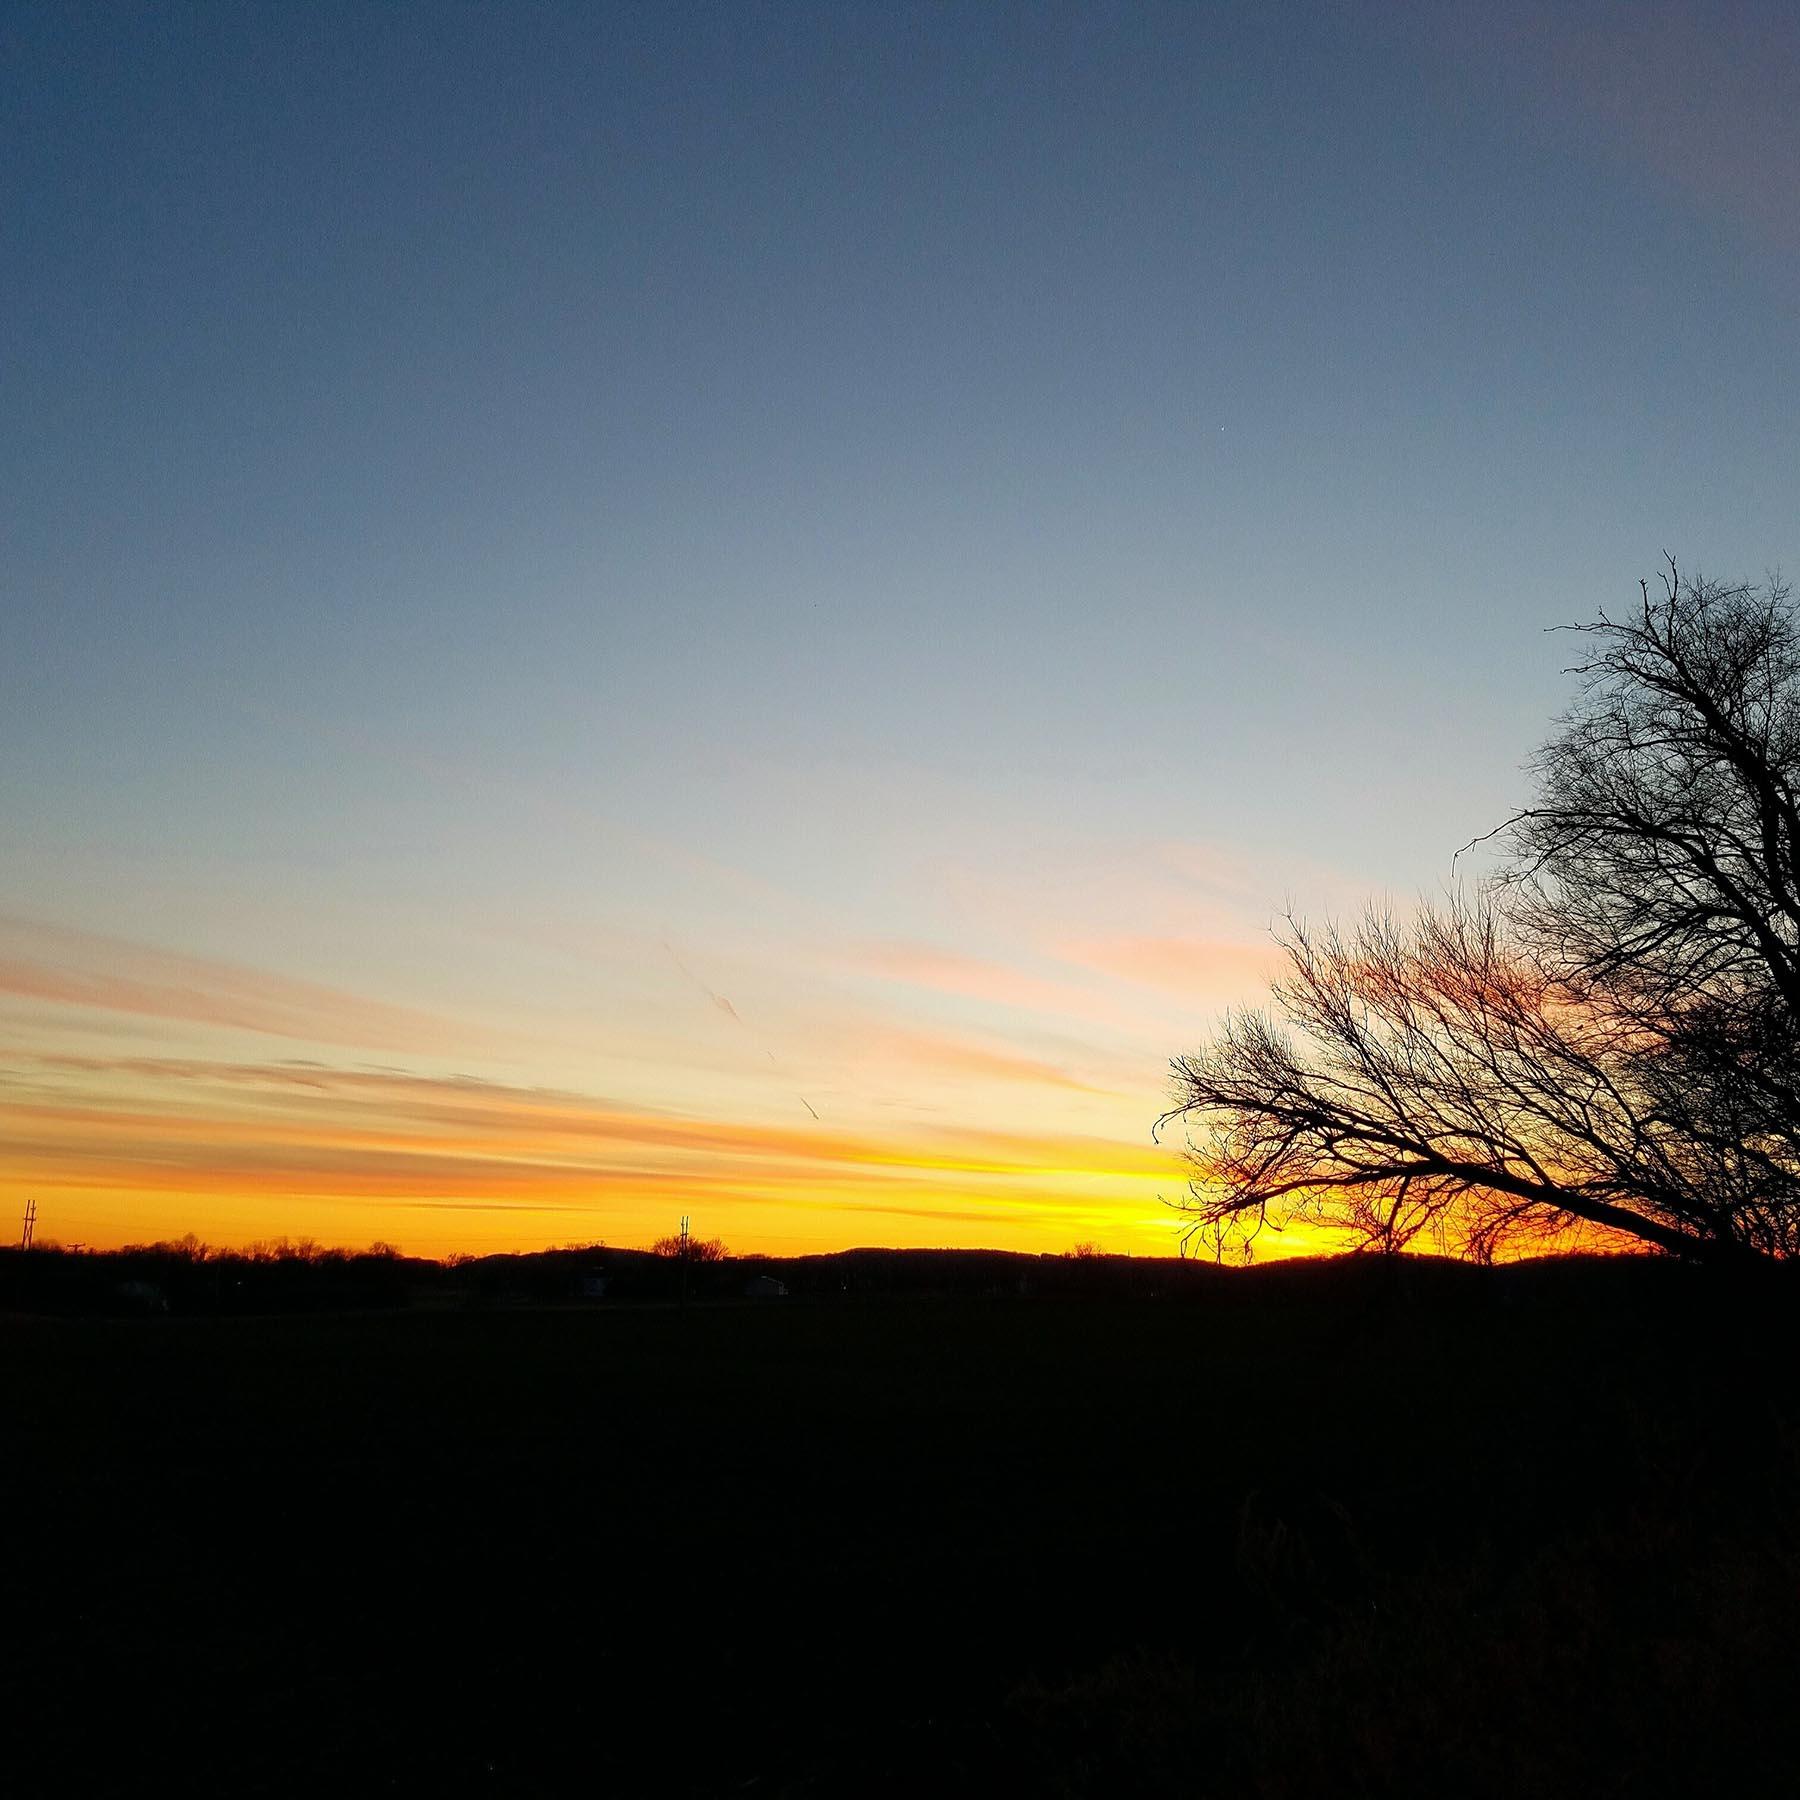 A tree stands dark infront of a firey sunset